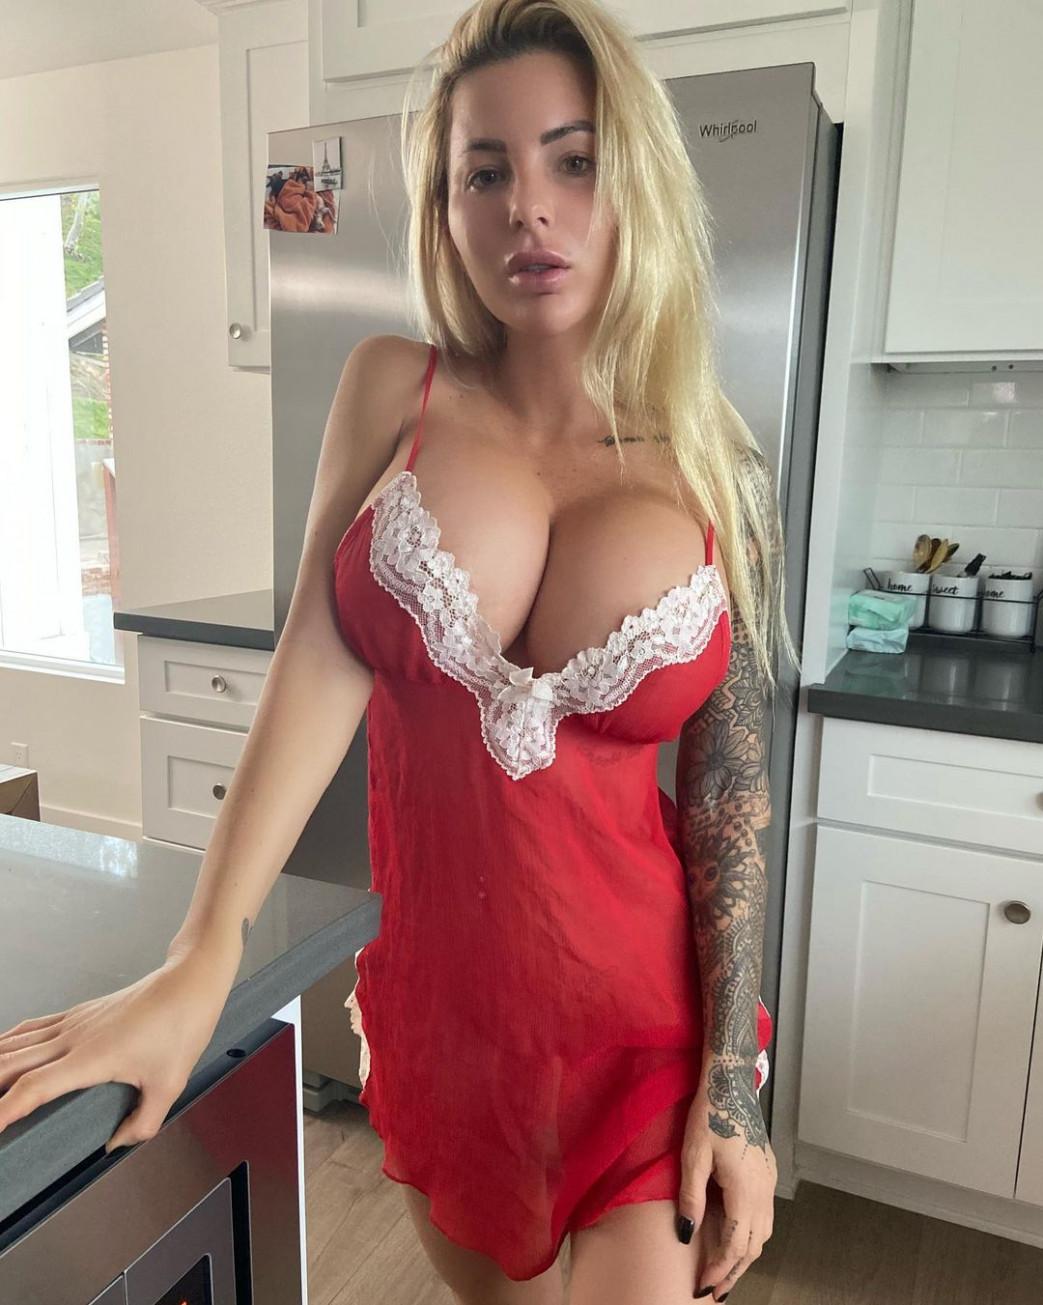 Jessica-Weaver-Huge-Tits-Cleavage-Underboobs-91.jpg